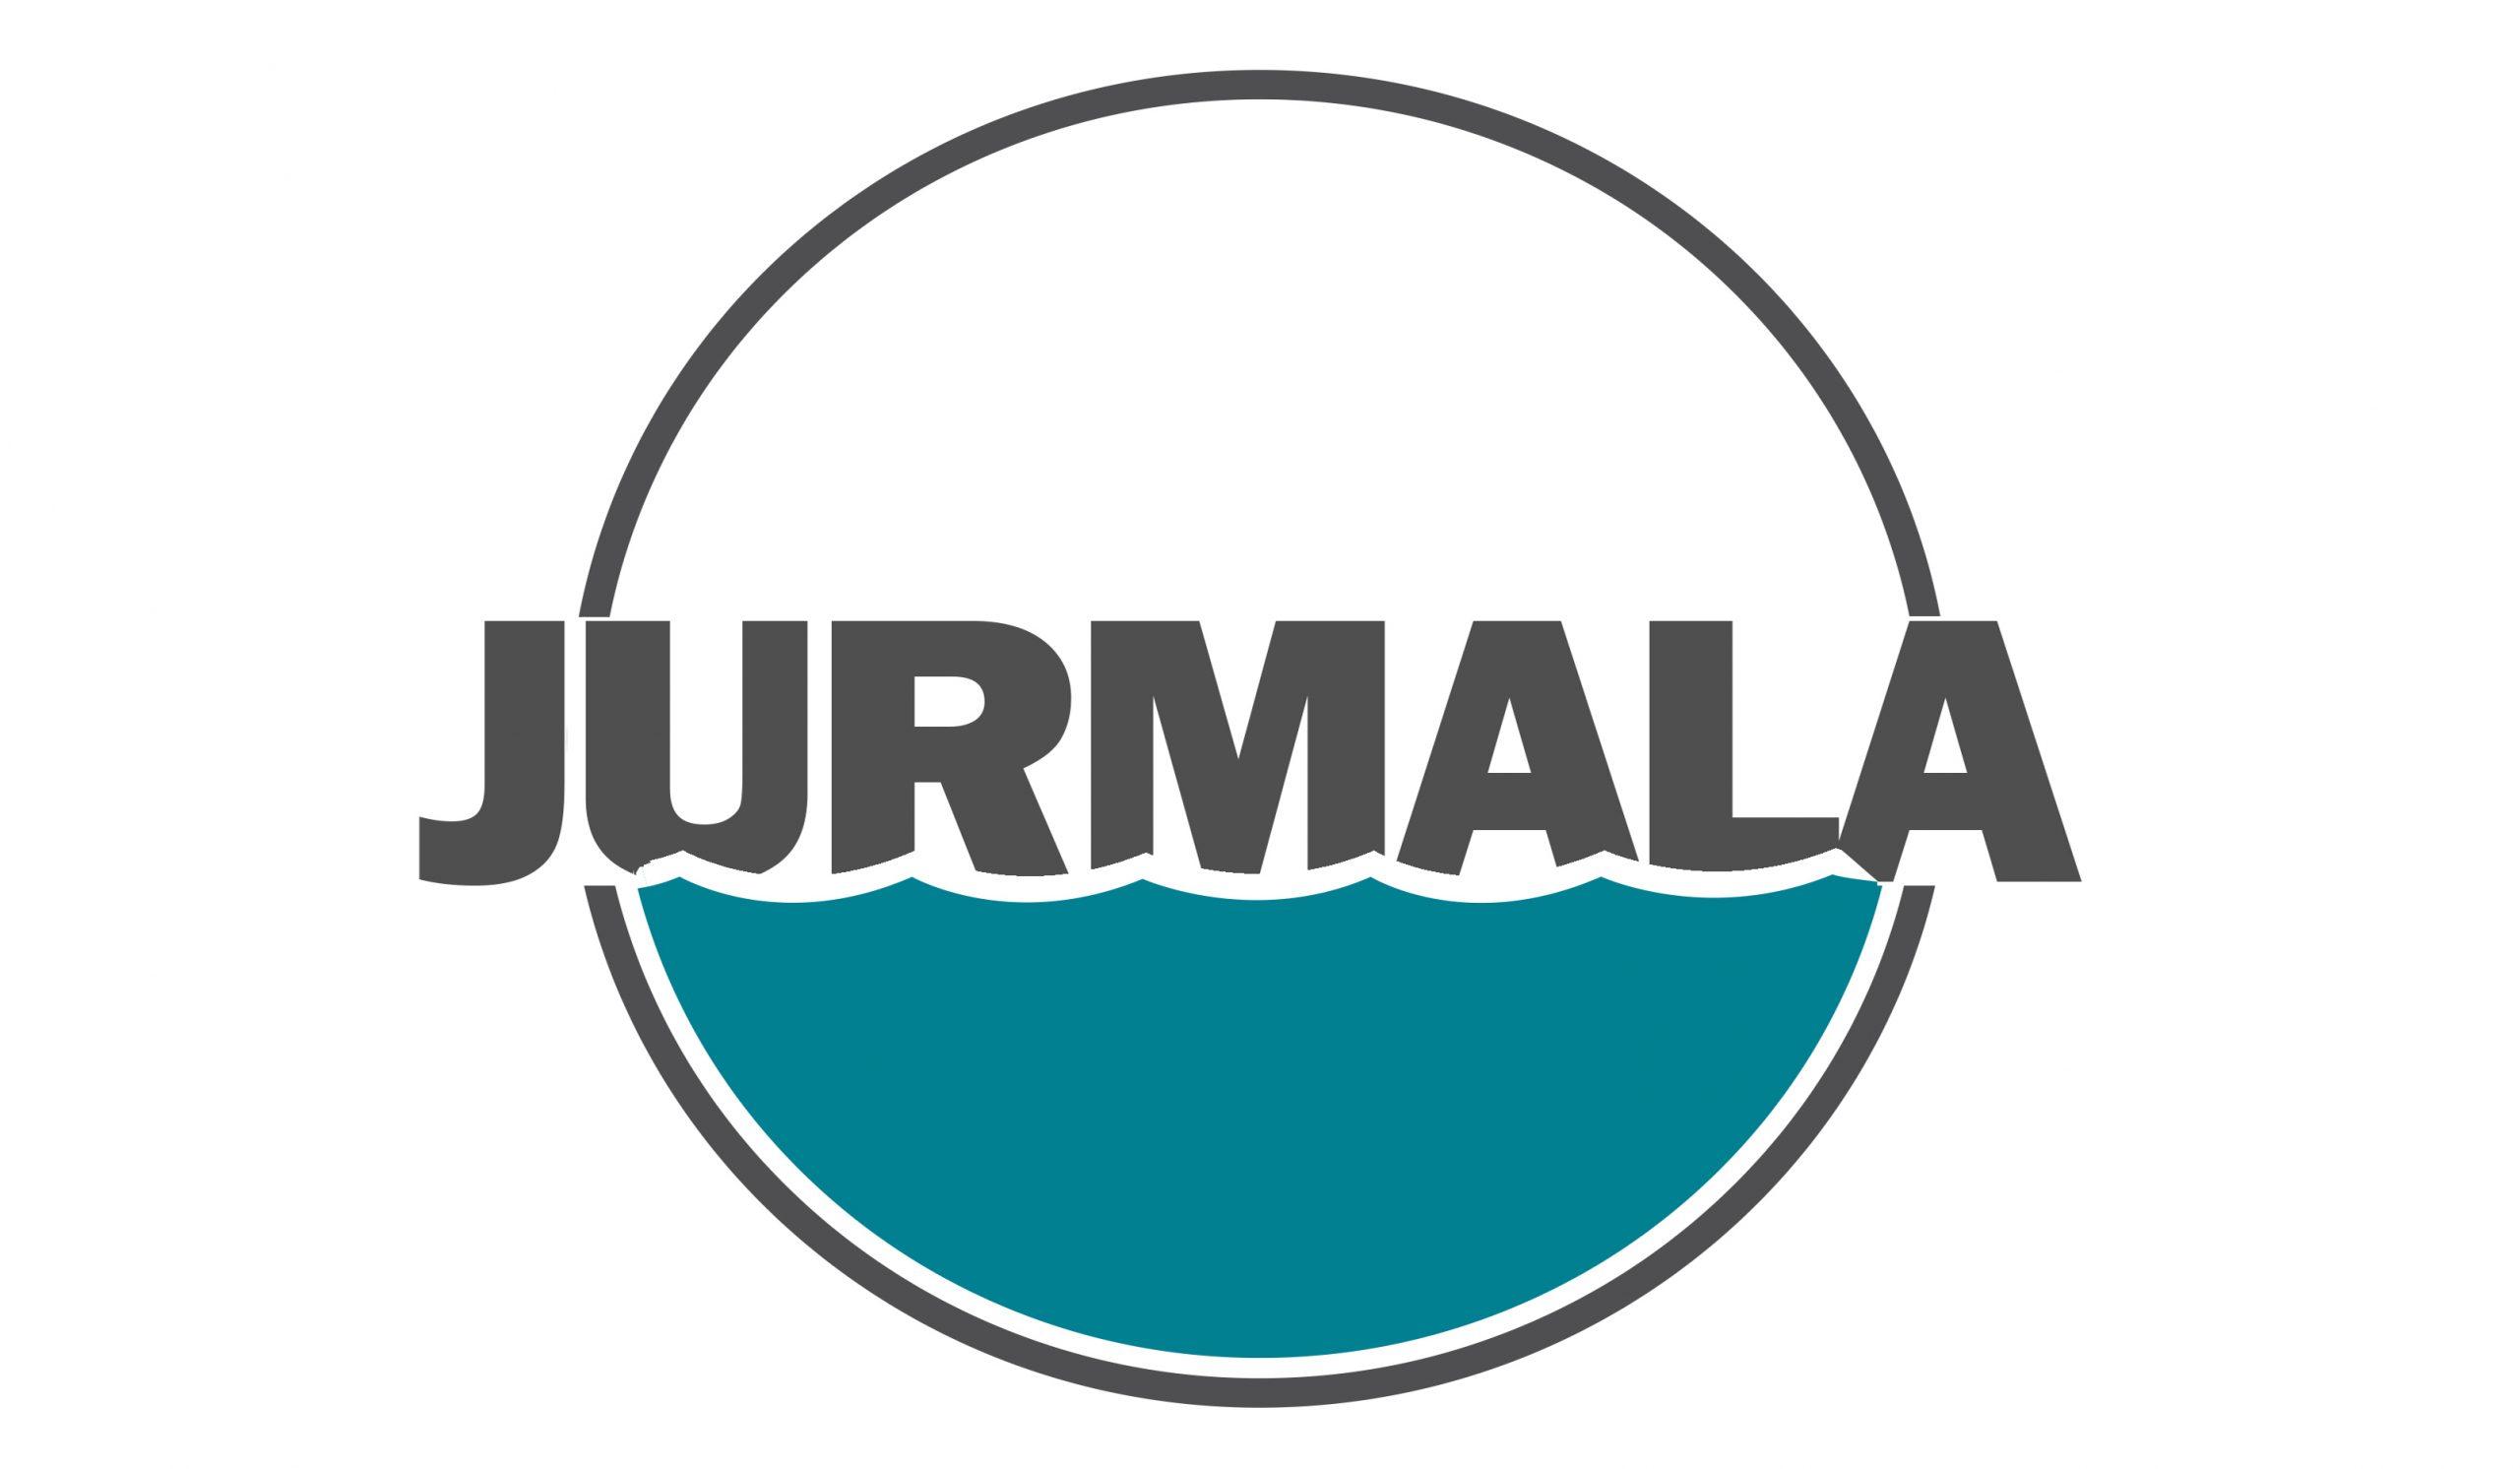 Project results - Jurmala